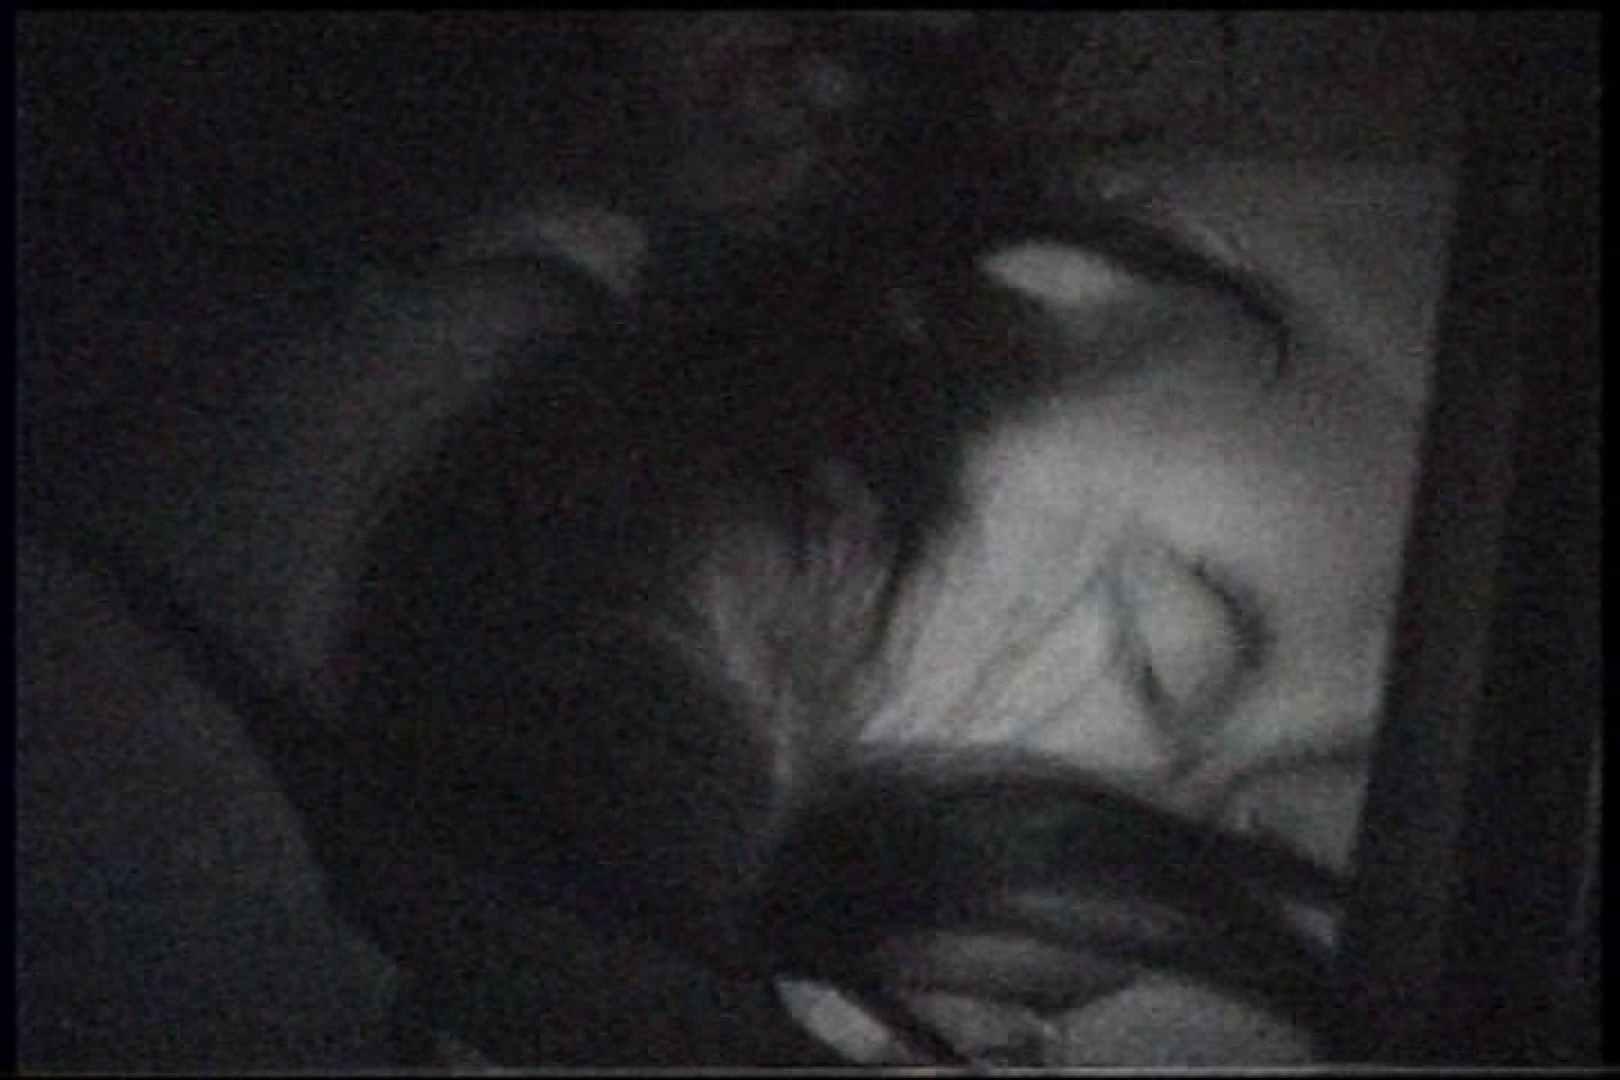 充血監督の深夜の運動会Vol.238 プライベート | 美しいOLの裸体  105pic 25